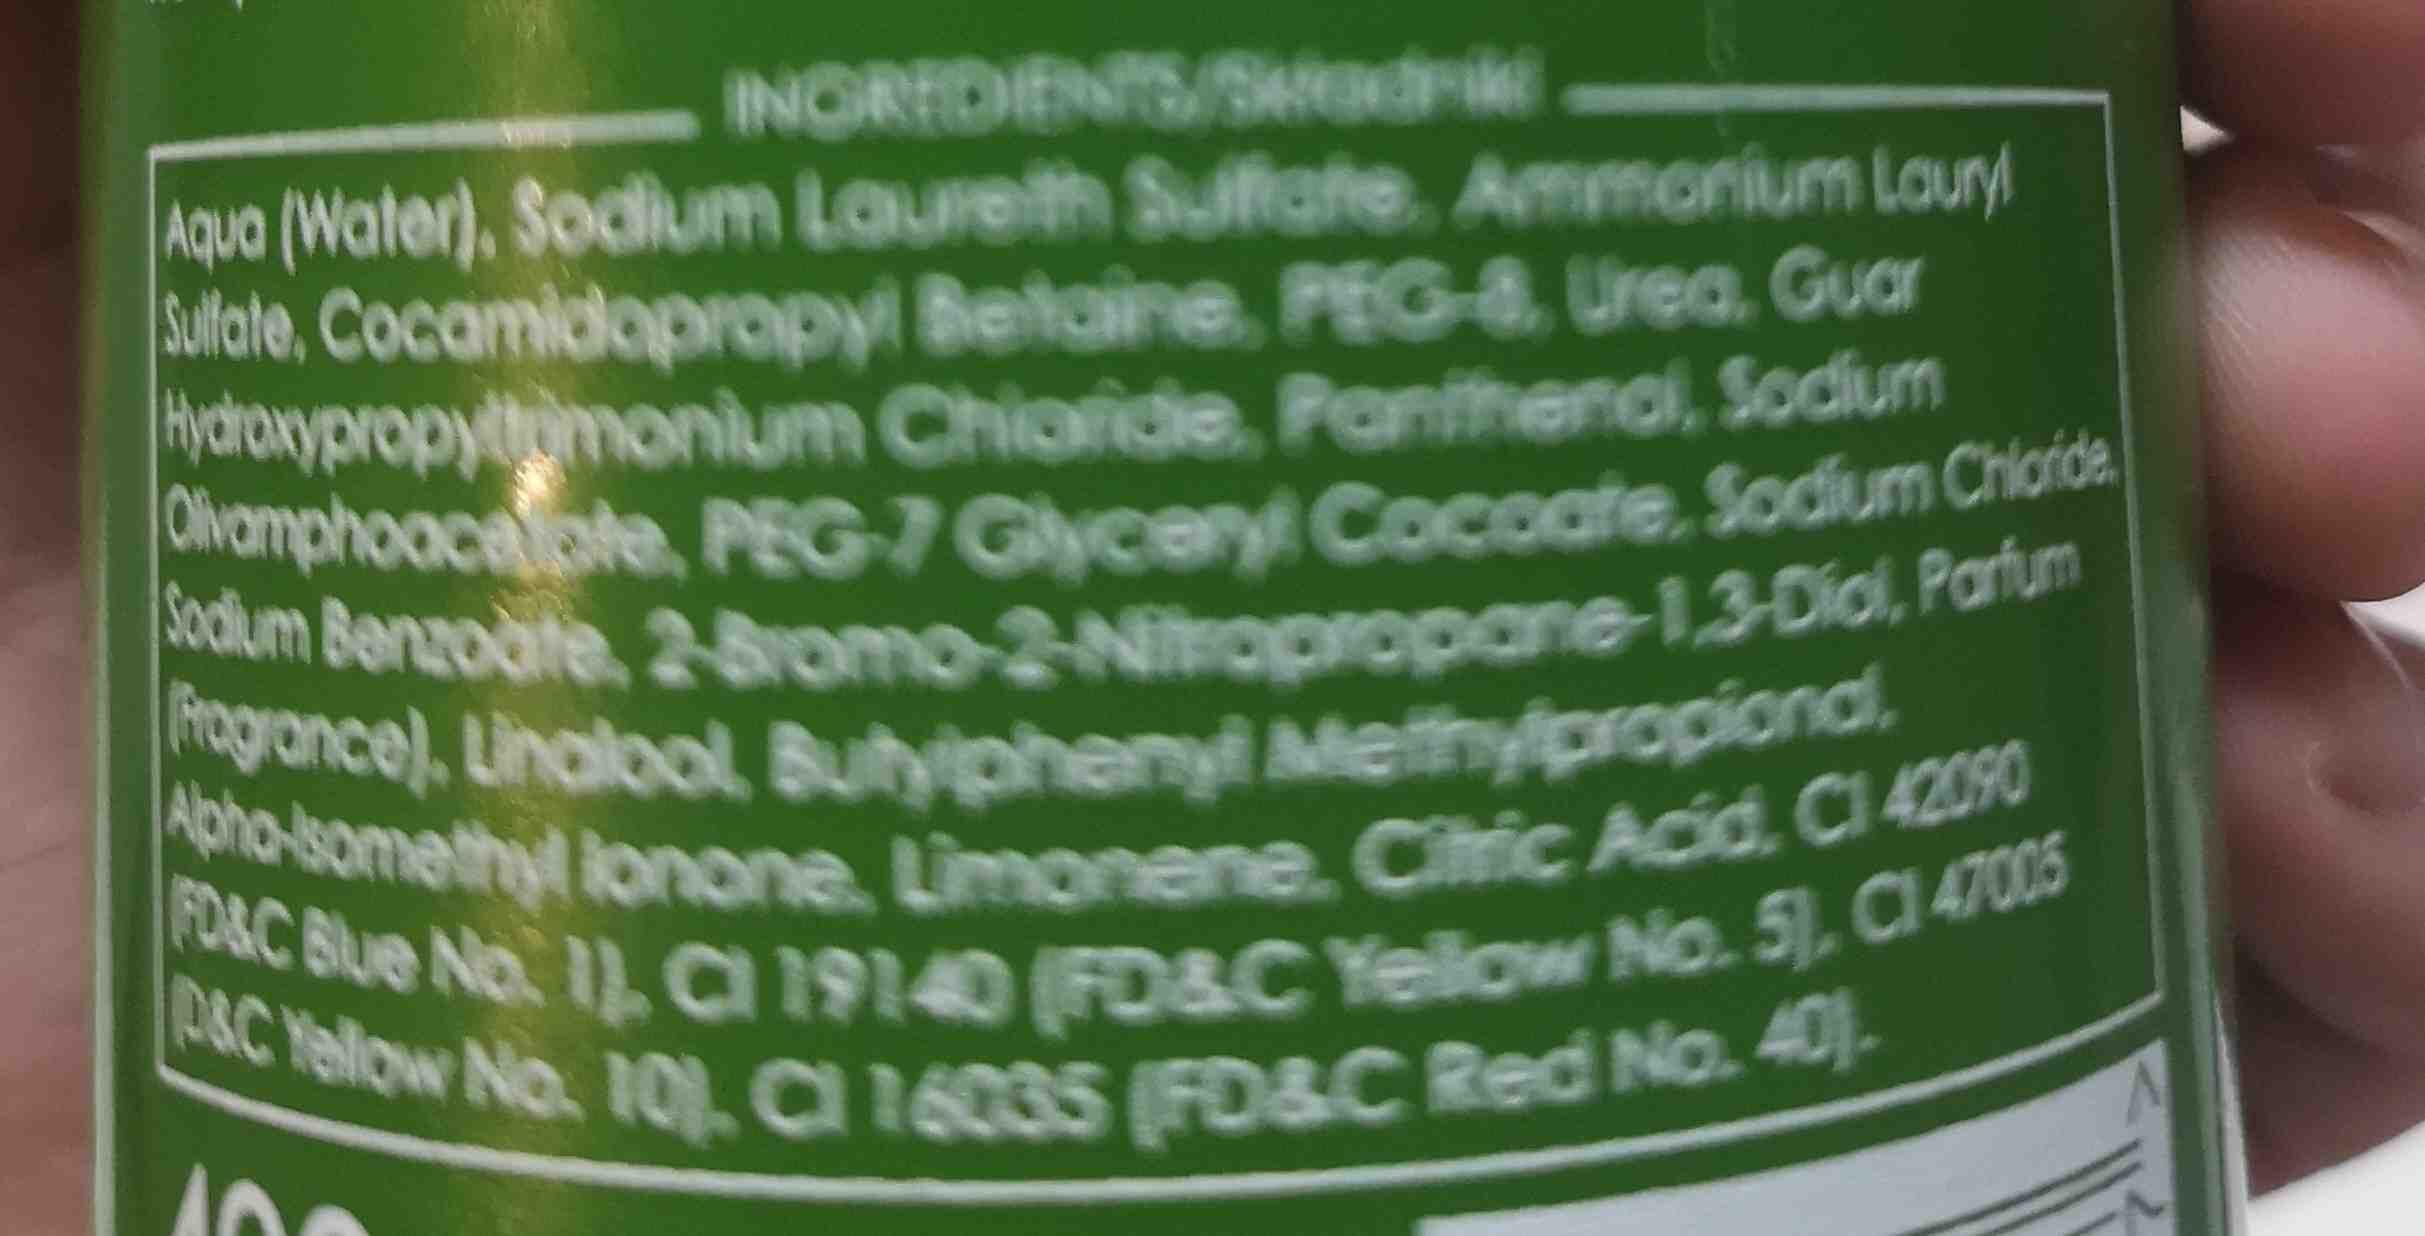 Ziaja oliwkowy szampon do wBosow codzienna pielgnacja - Ingredients - en